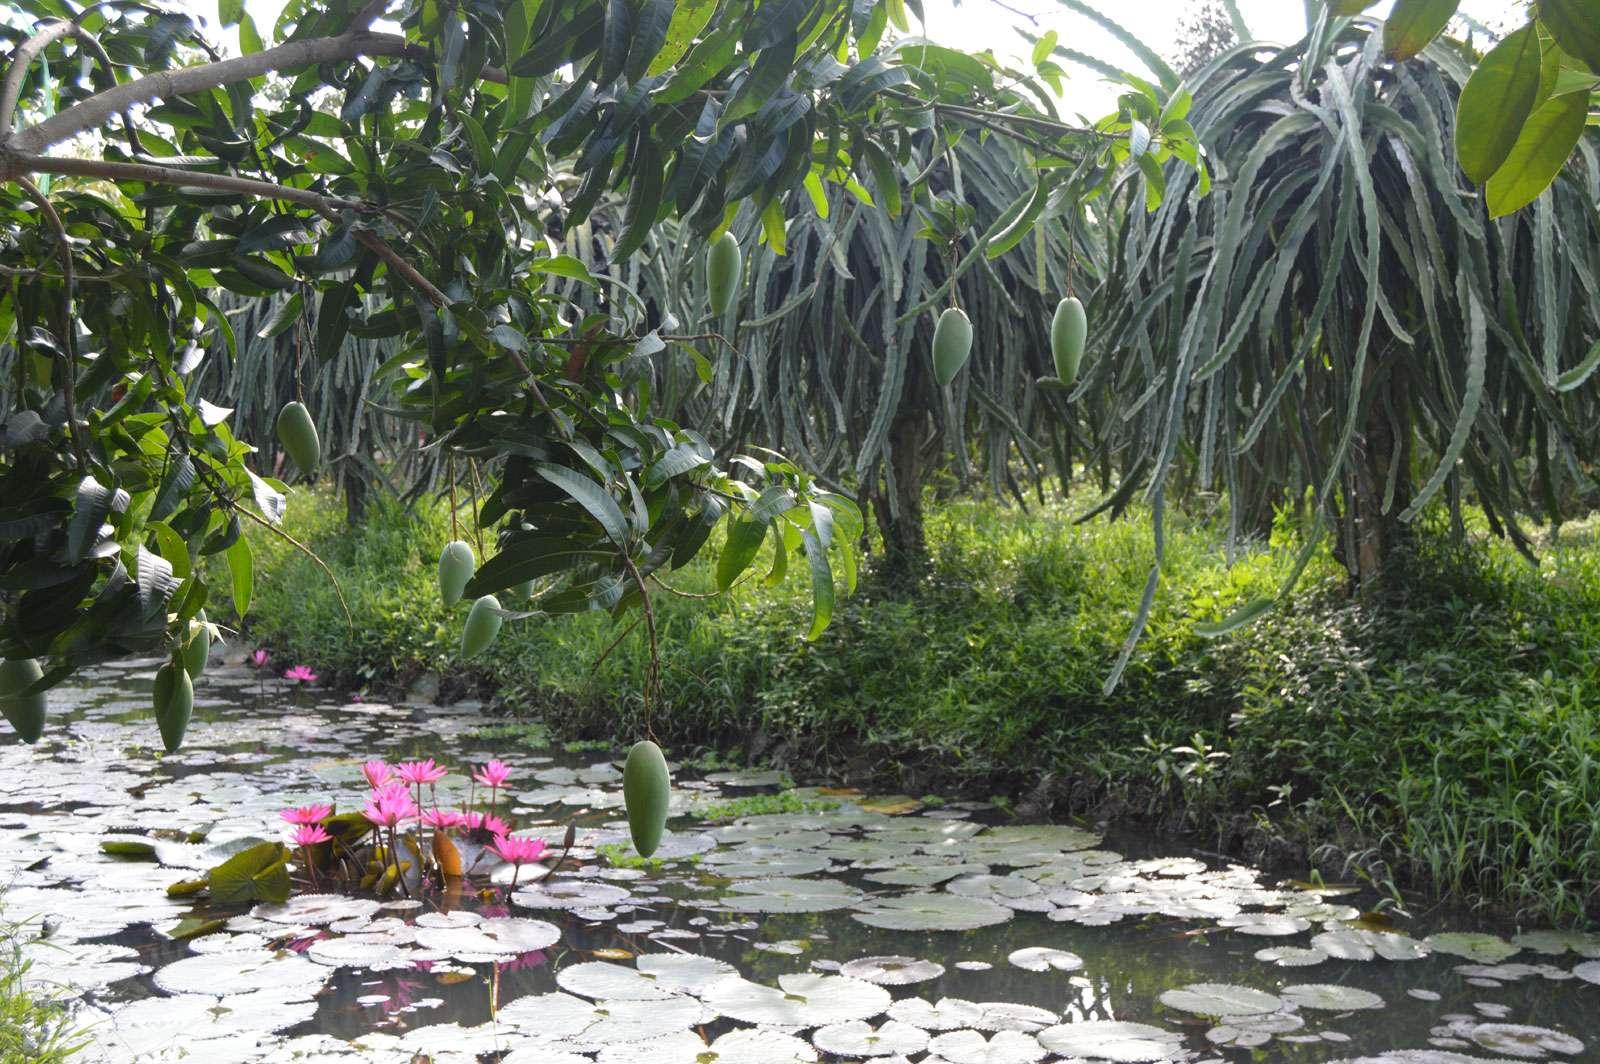 Vườn trái cây Ba Cống xanh mướt, trĩu quả nào xoài, thanh long,... và ao sen nở rộ